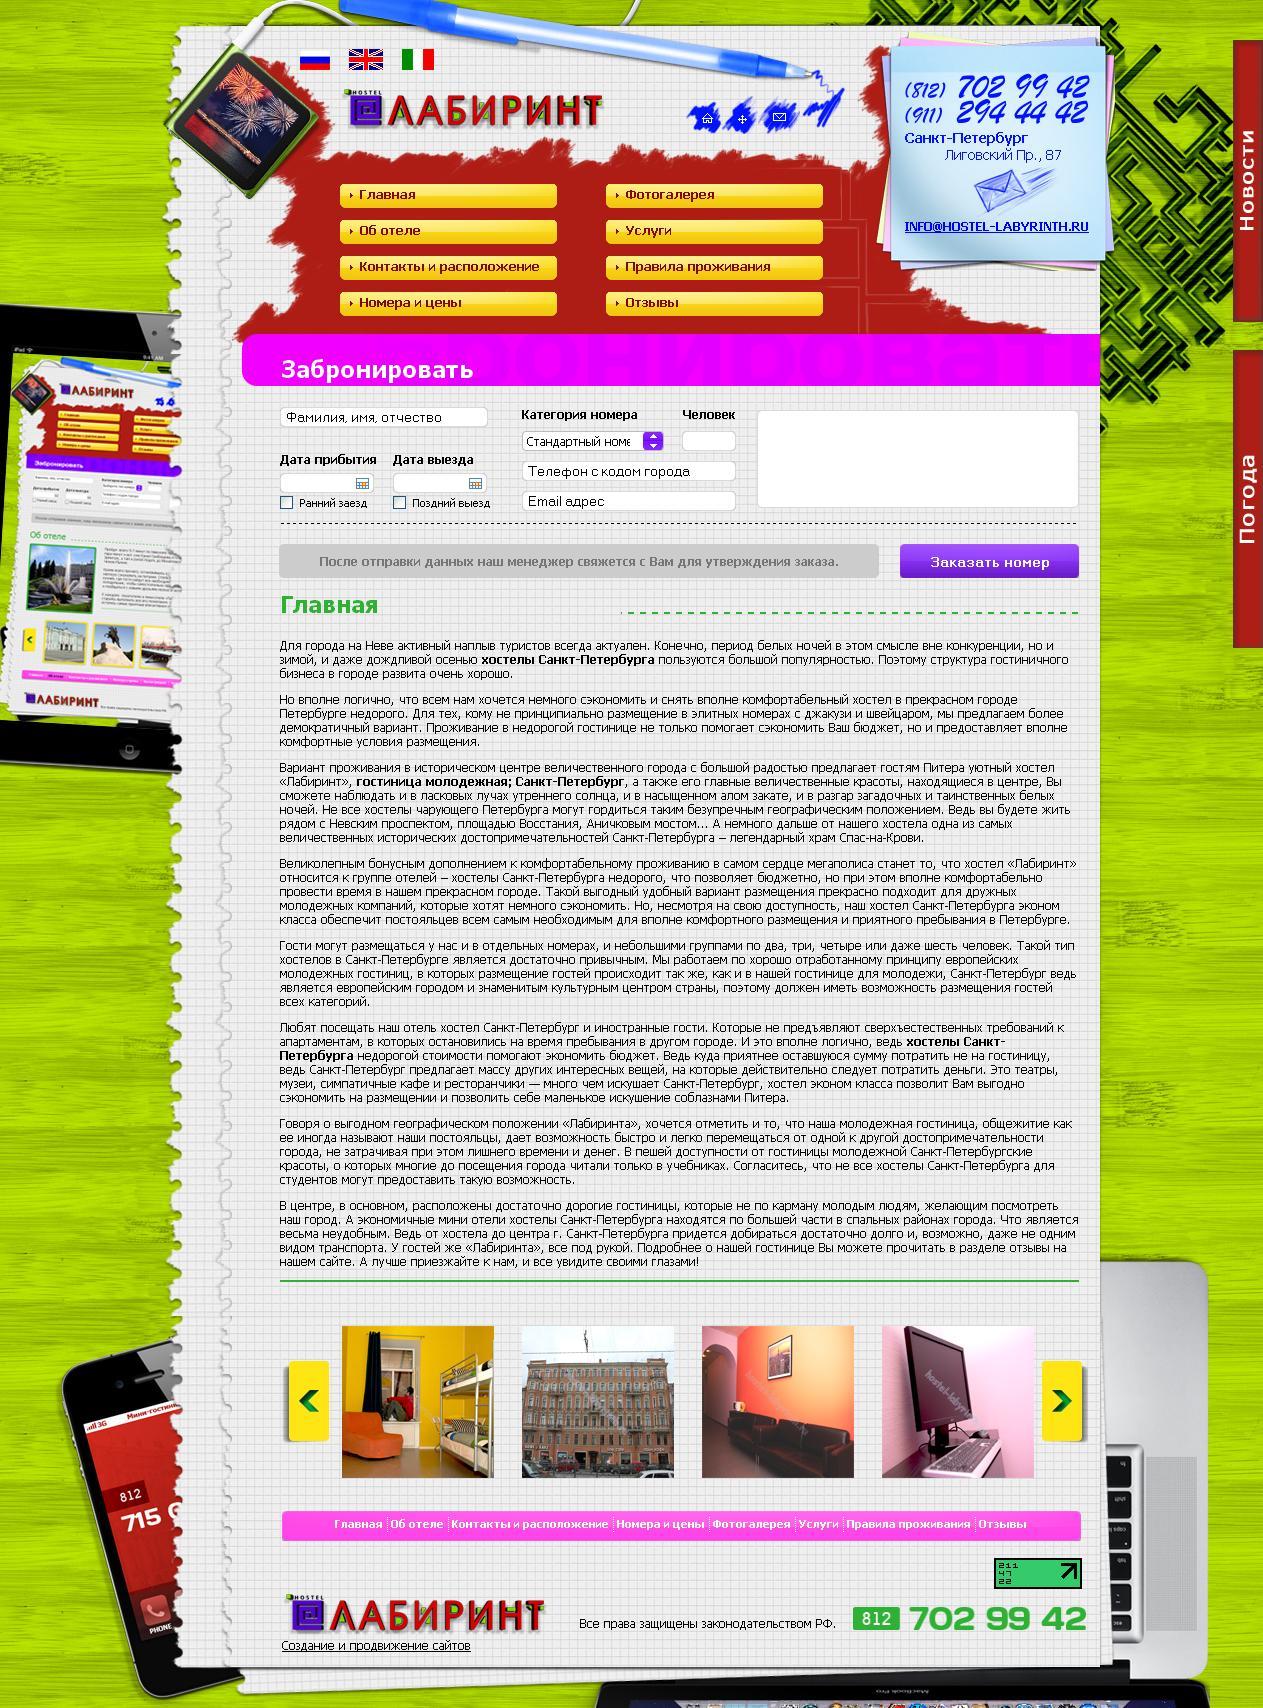 Главная страница сайта хостела.